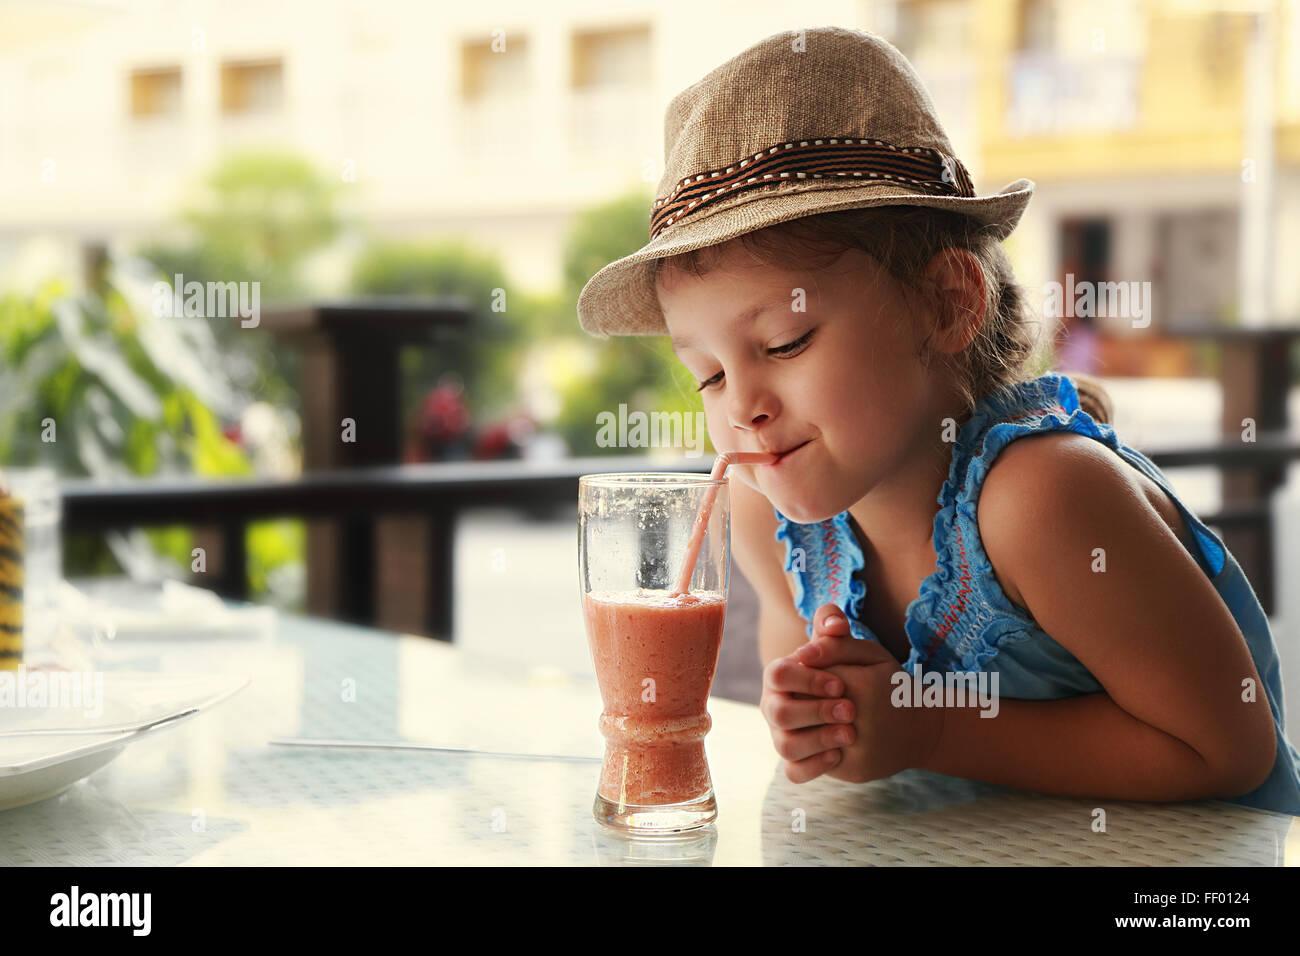 Il pensiero carino kid ragazza bere succhi gustosi nel ristorante di strada Immagini Stock